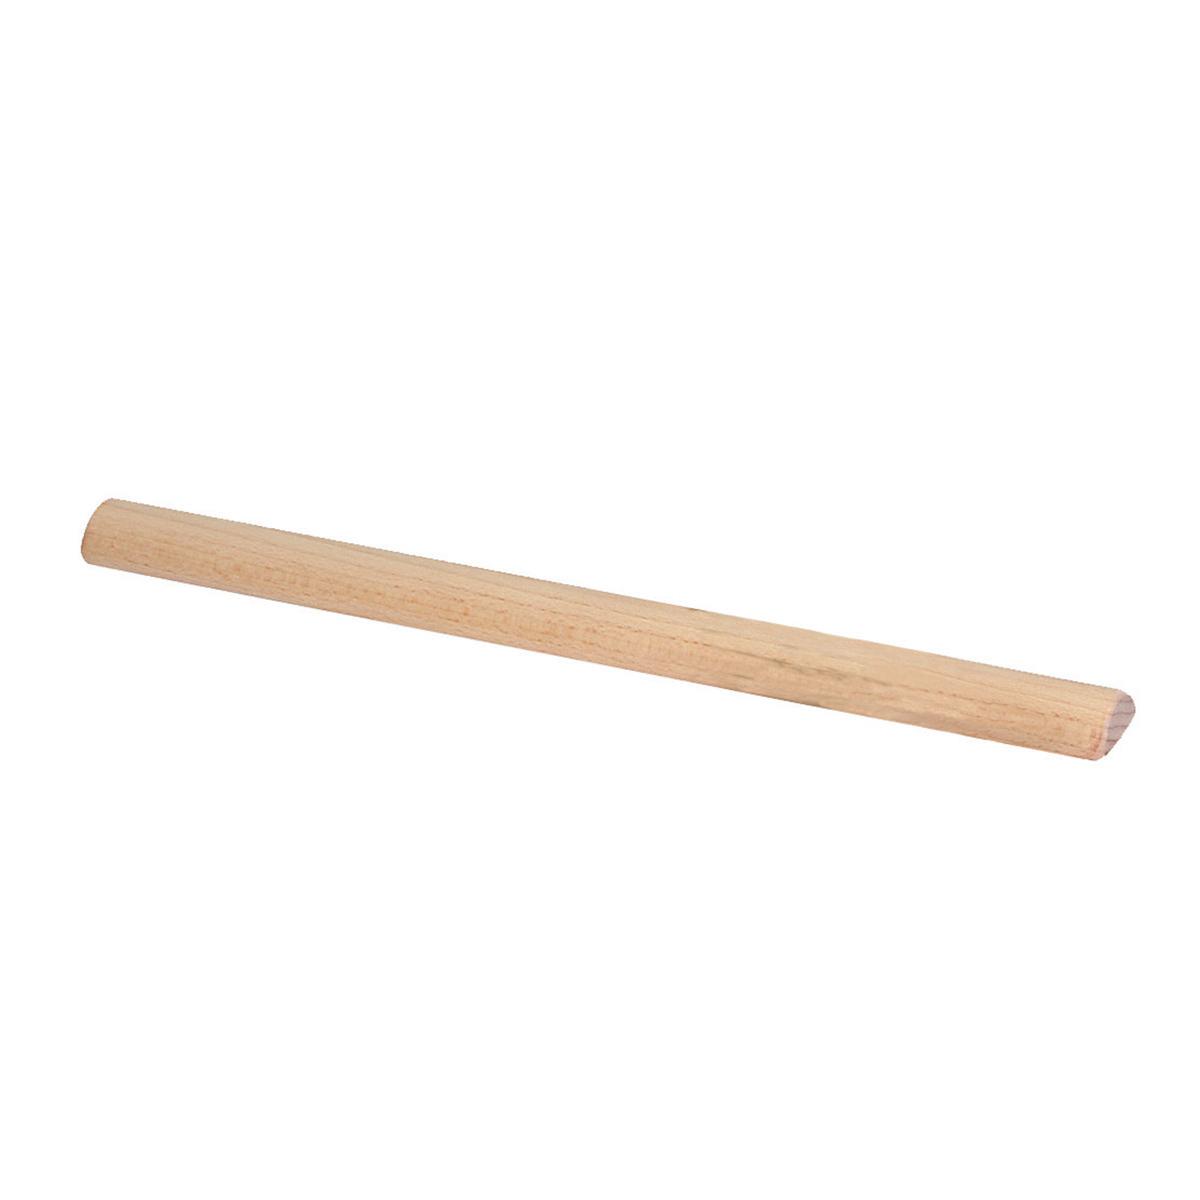 The Original Seam Stick